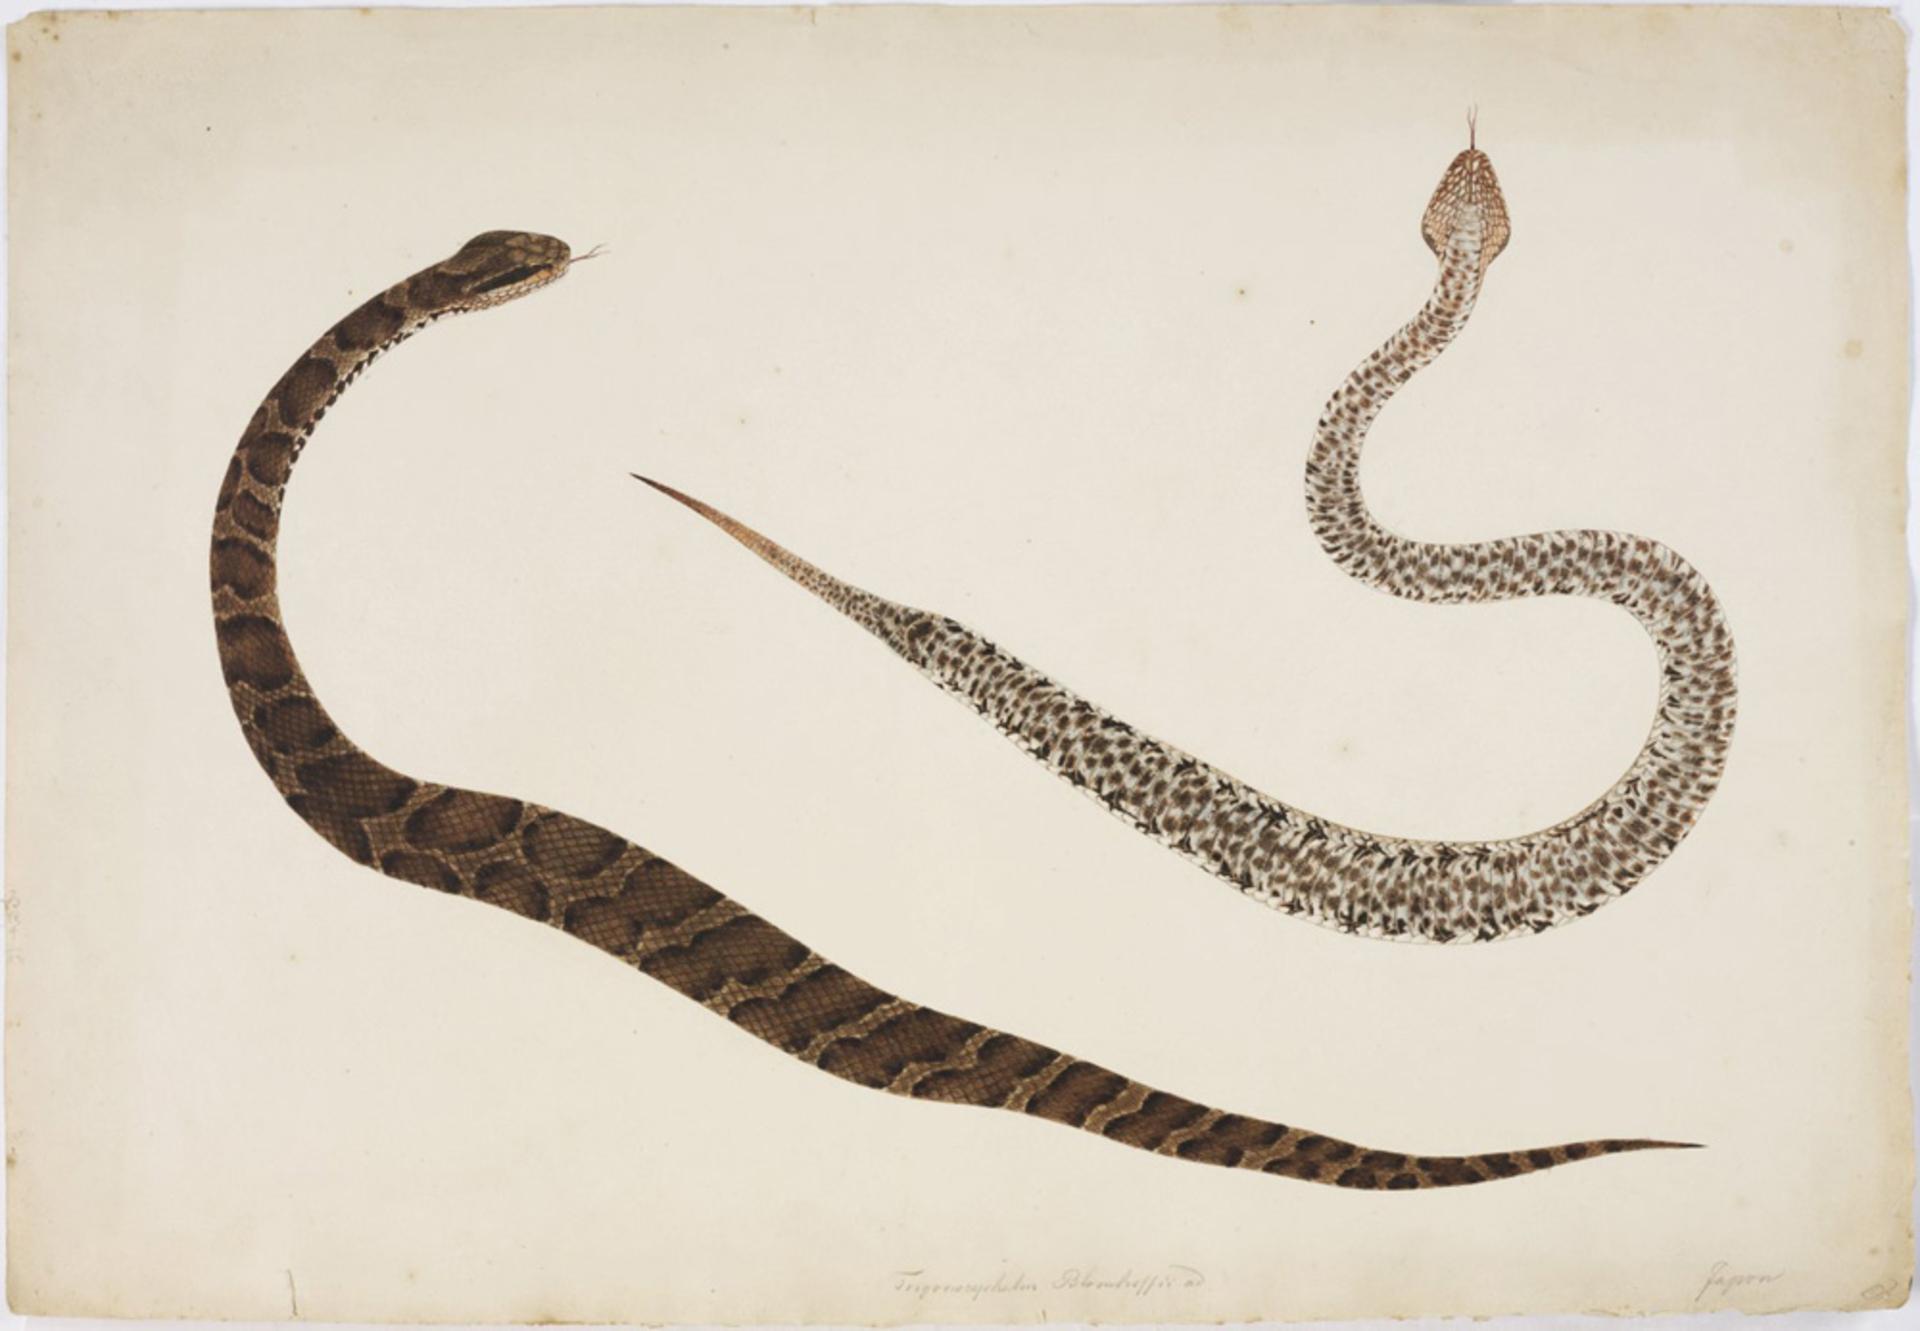 RMNH.ART.104 | Gloydius blomhofii